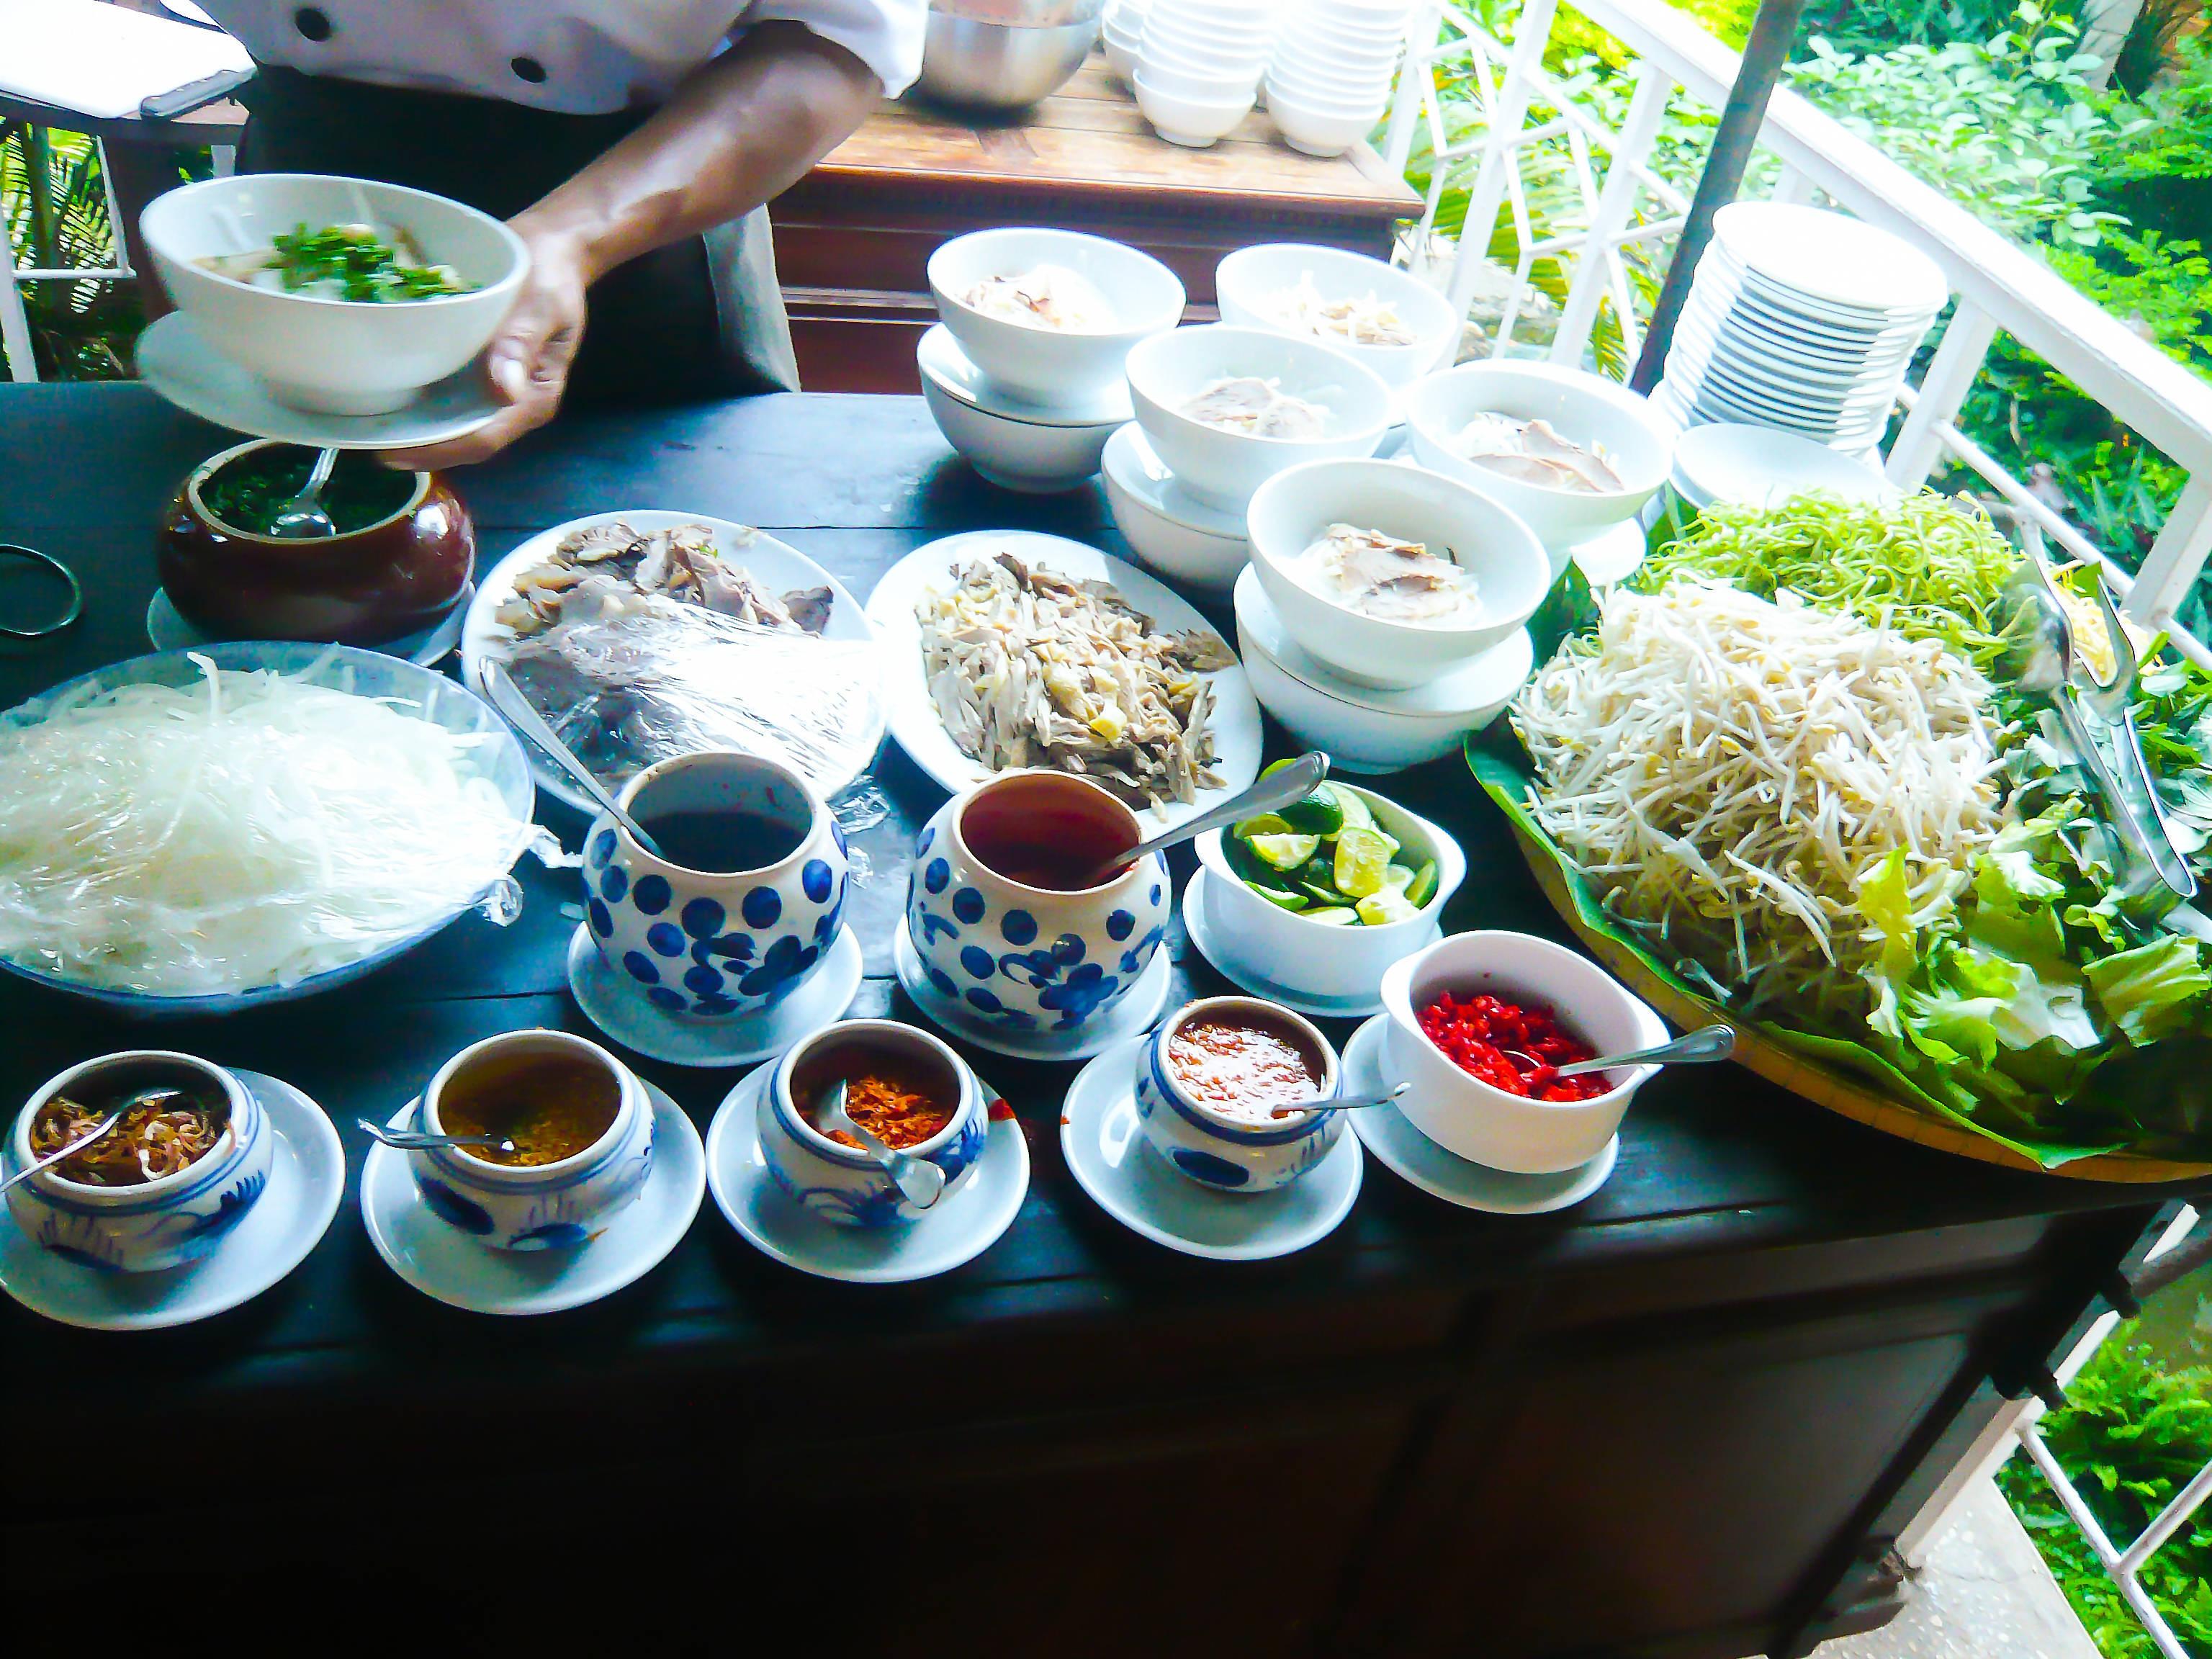 Phở Gà (Chicken noodles) and Bún Bò Huế (Vietnamese beef noodles)